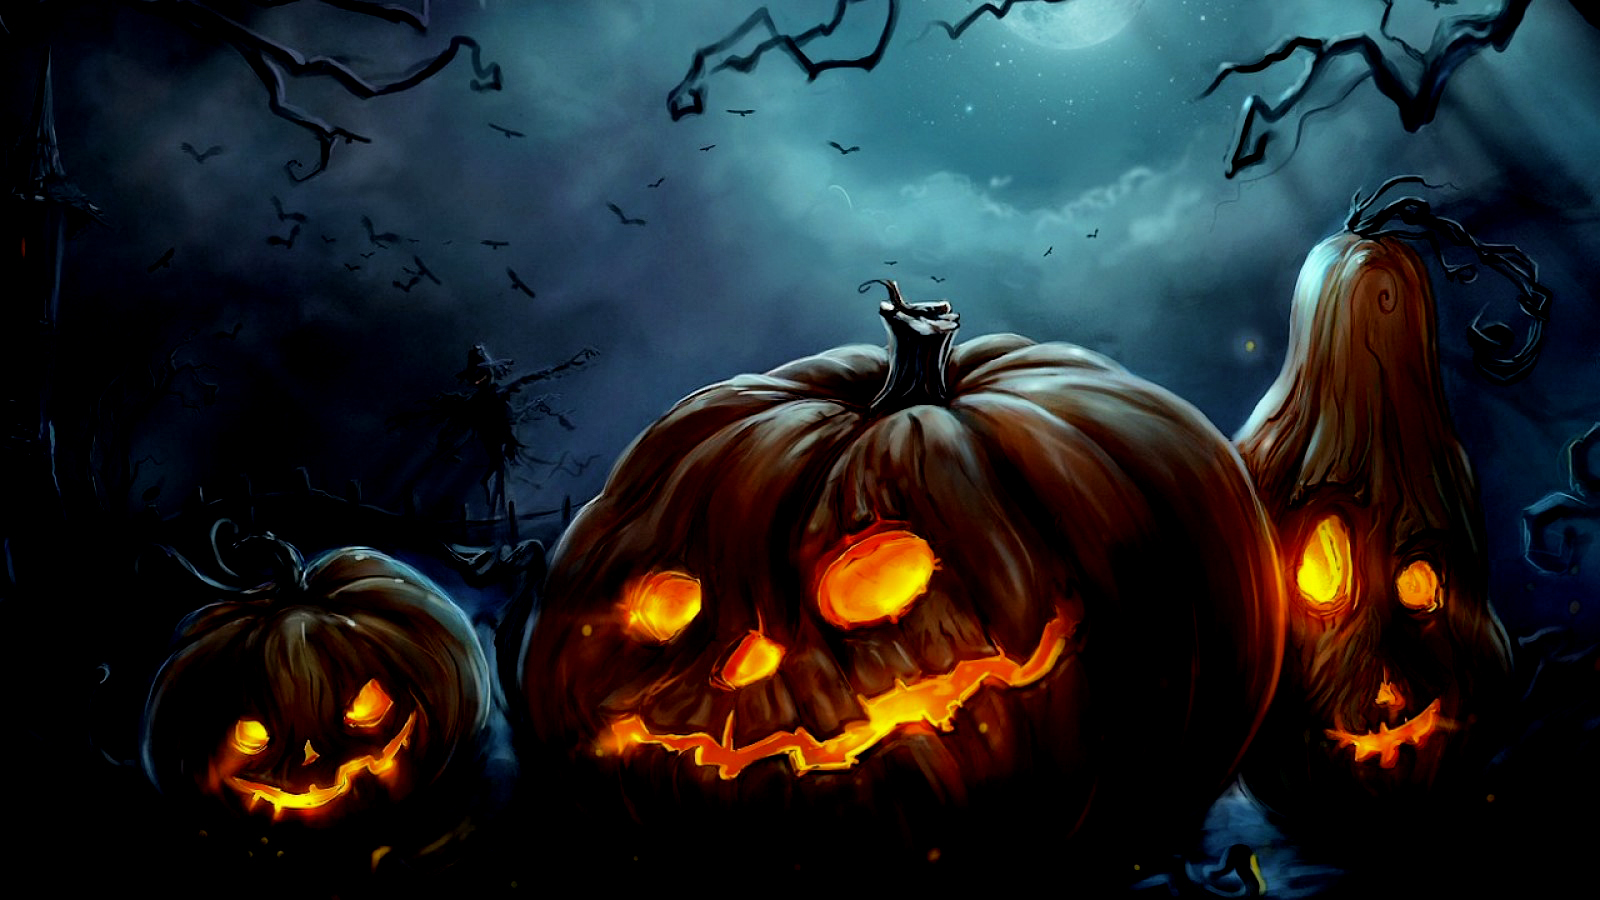 Halloween Computer Wallpapers Desktop Backgrounds 1600x900 ID 1600x900